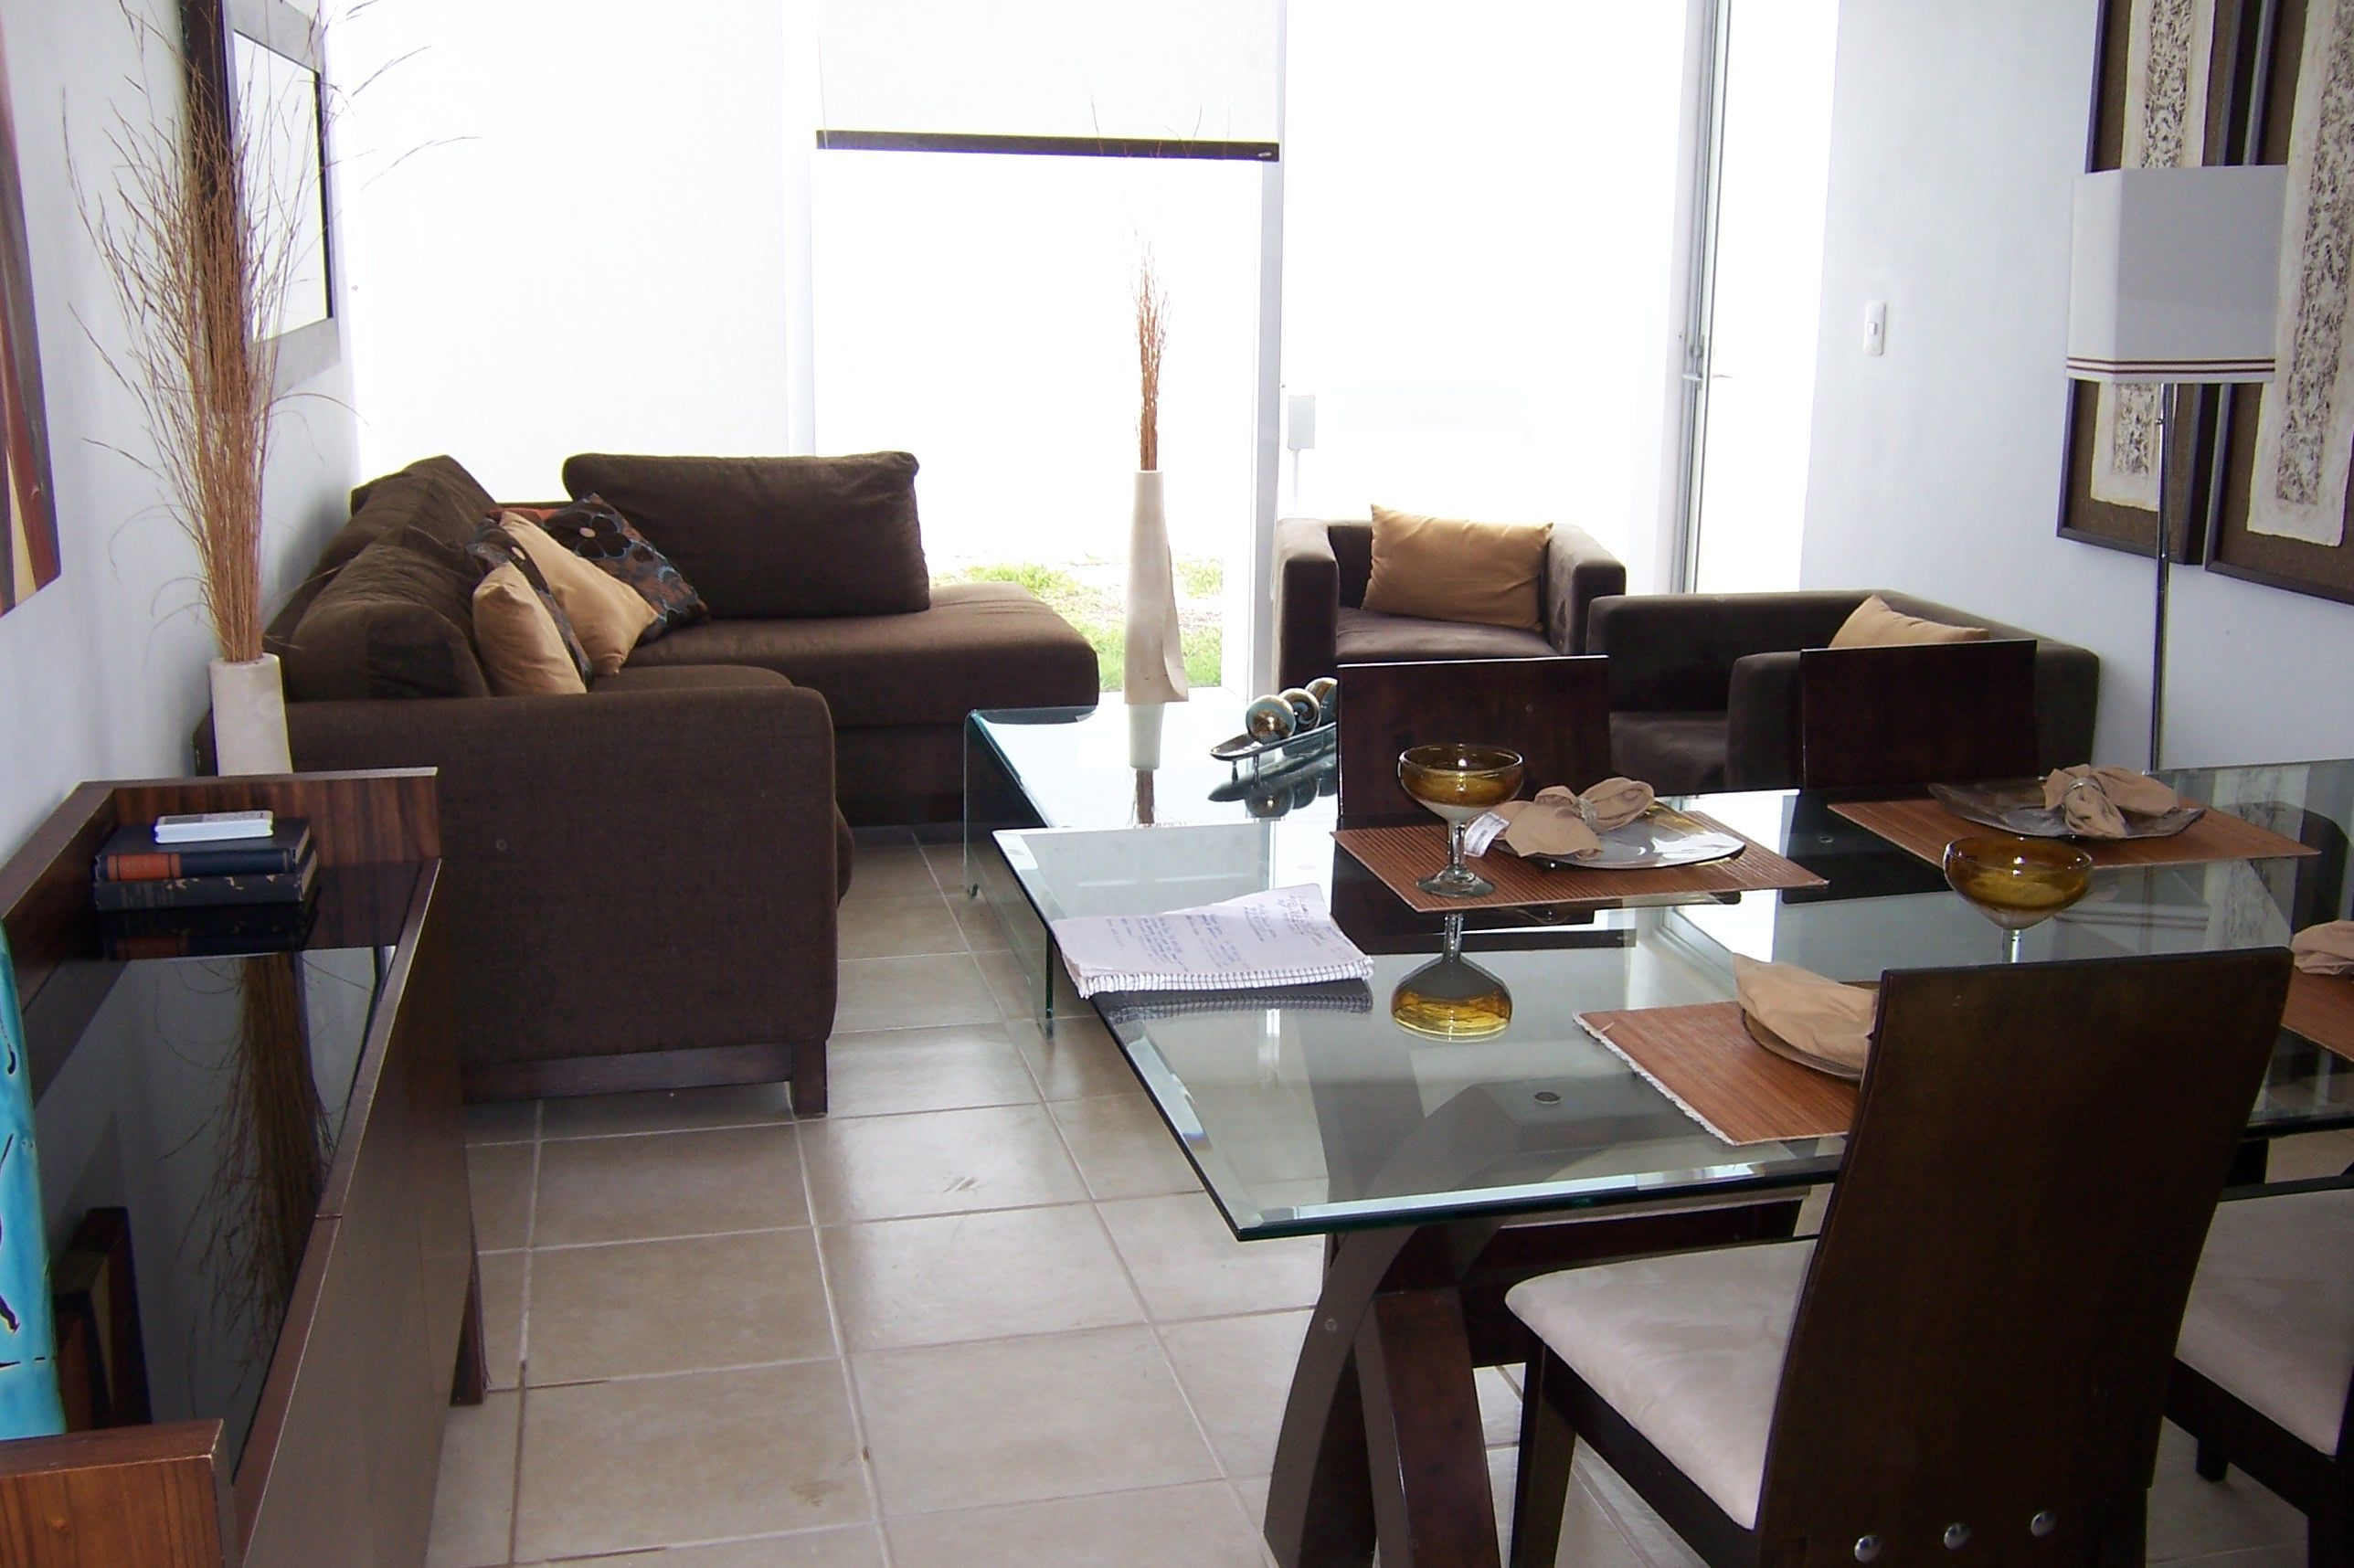 Salas modernas muebles para cocinas modernos departamentos for Cocinas departamentos modernos